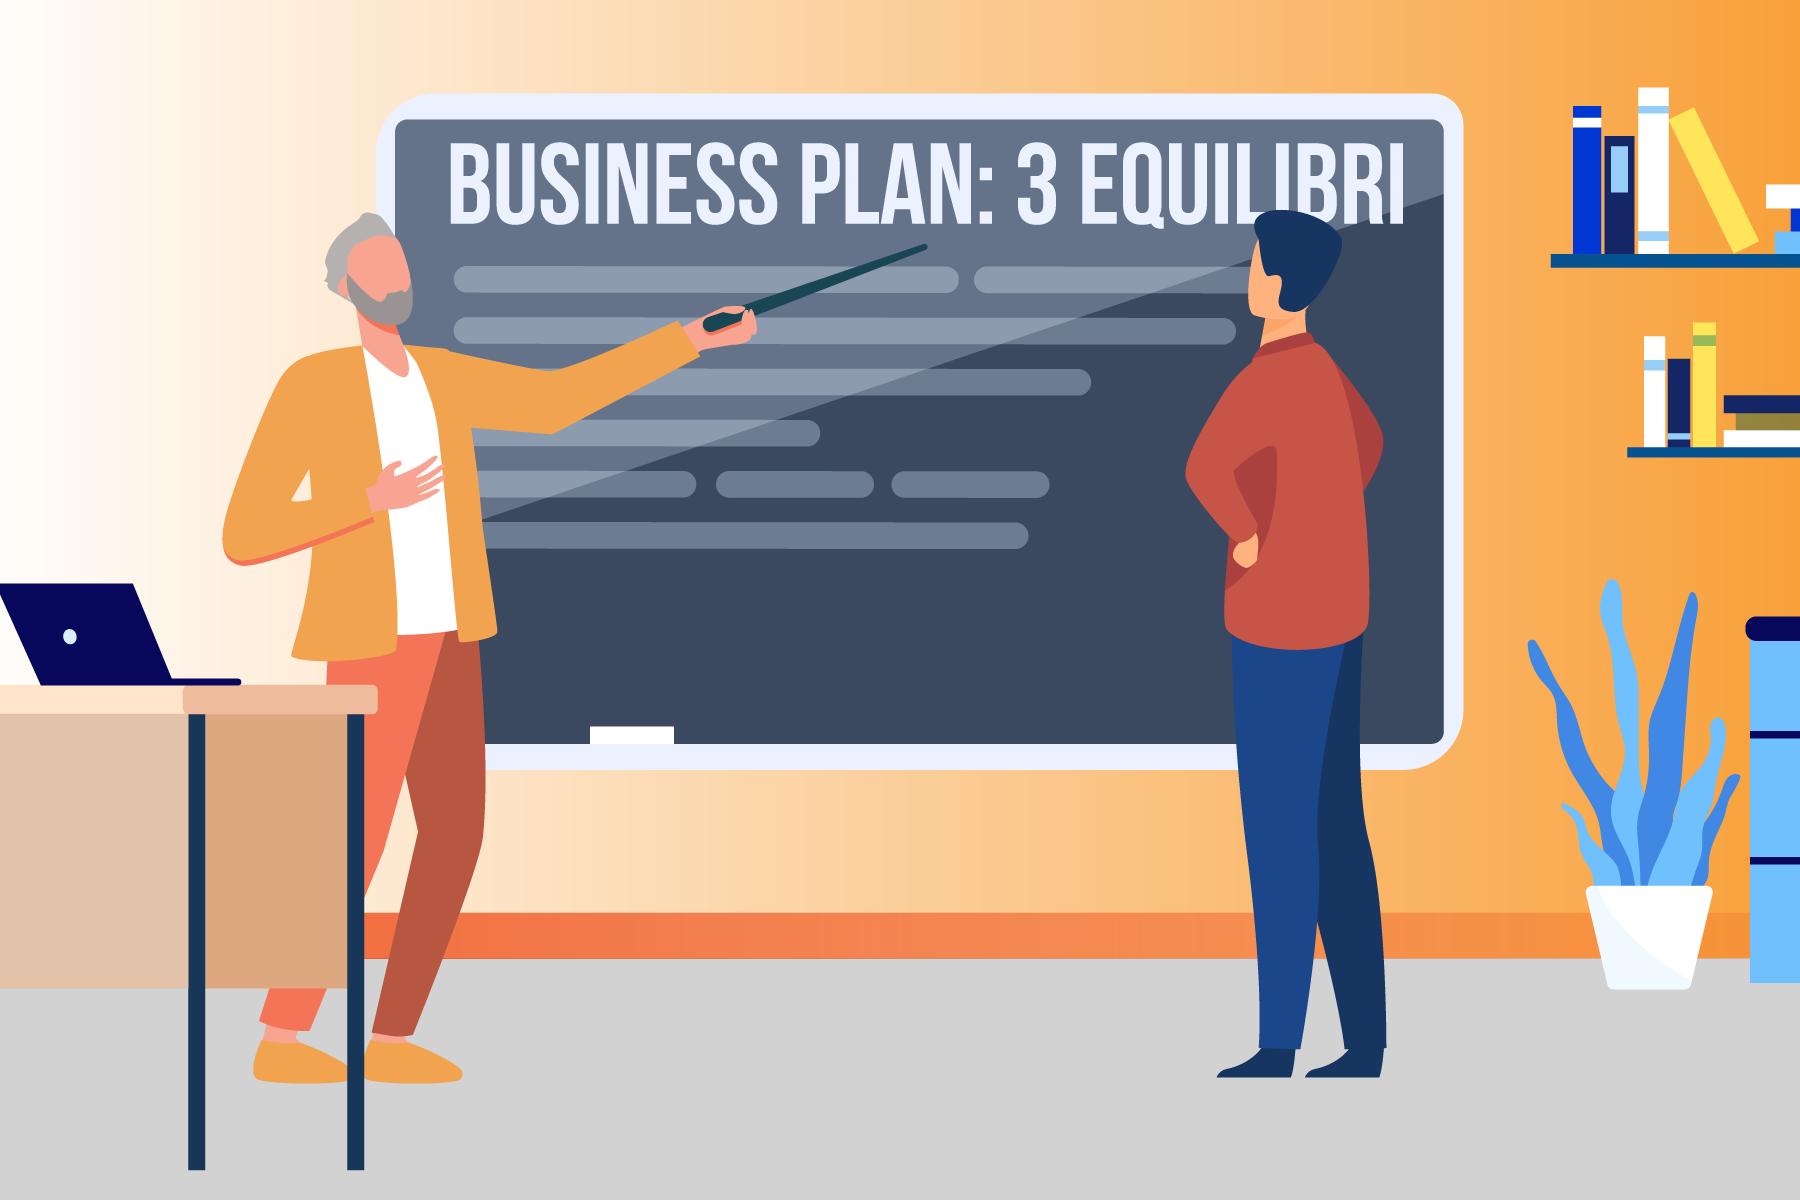 equilibri business plan